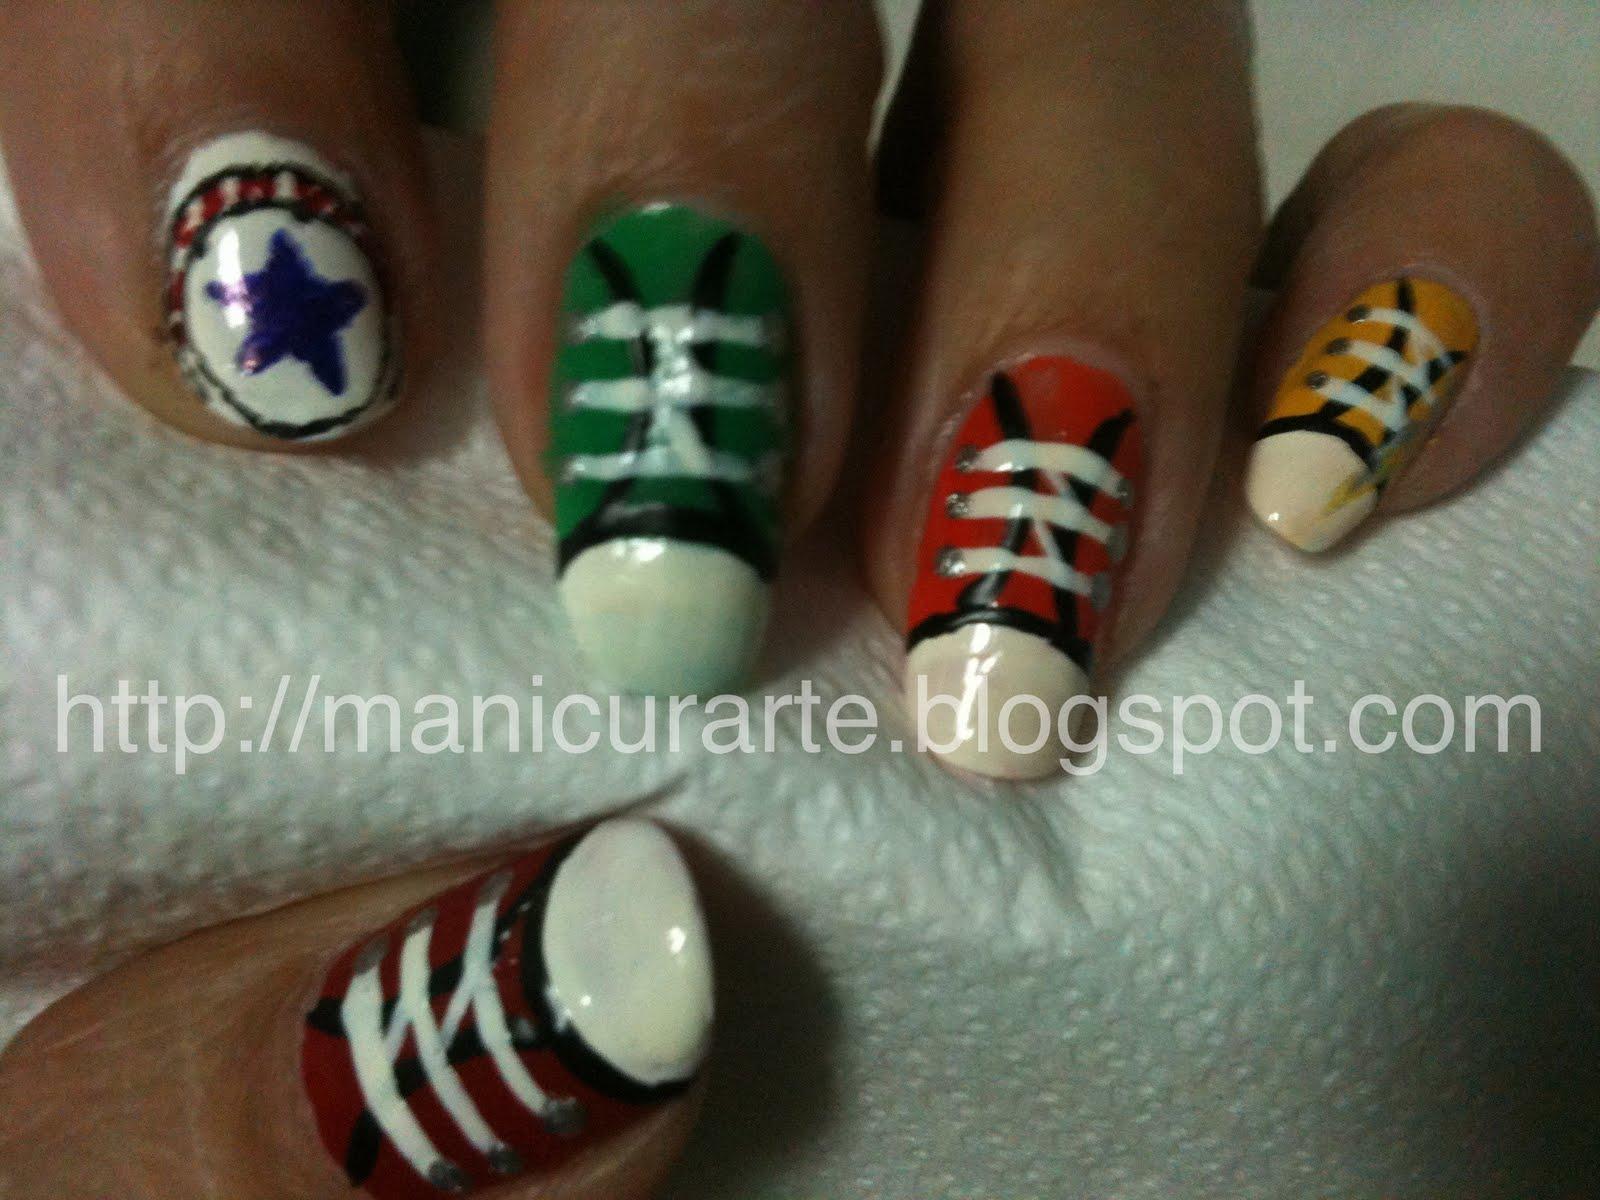 MANICURARTE*: Converse nails / manicura Converse